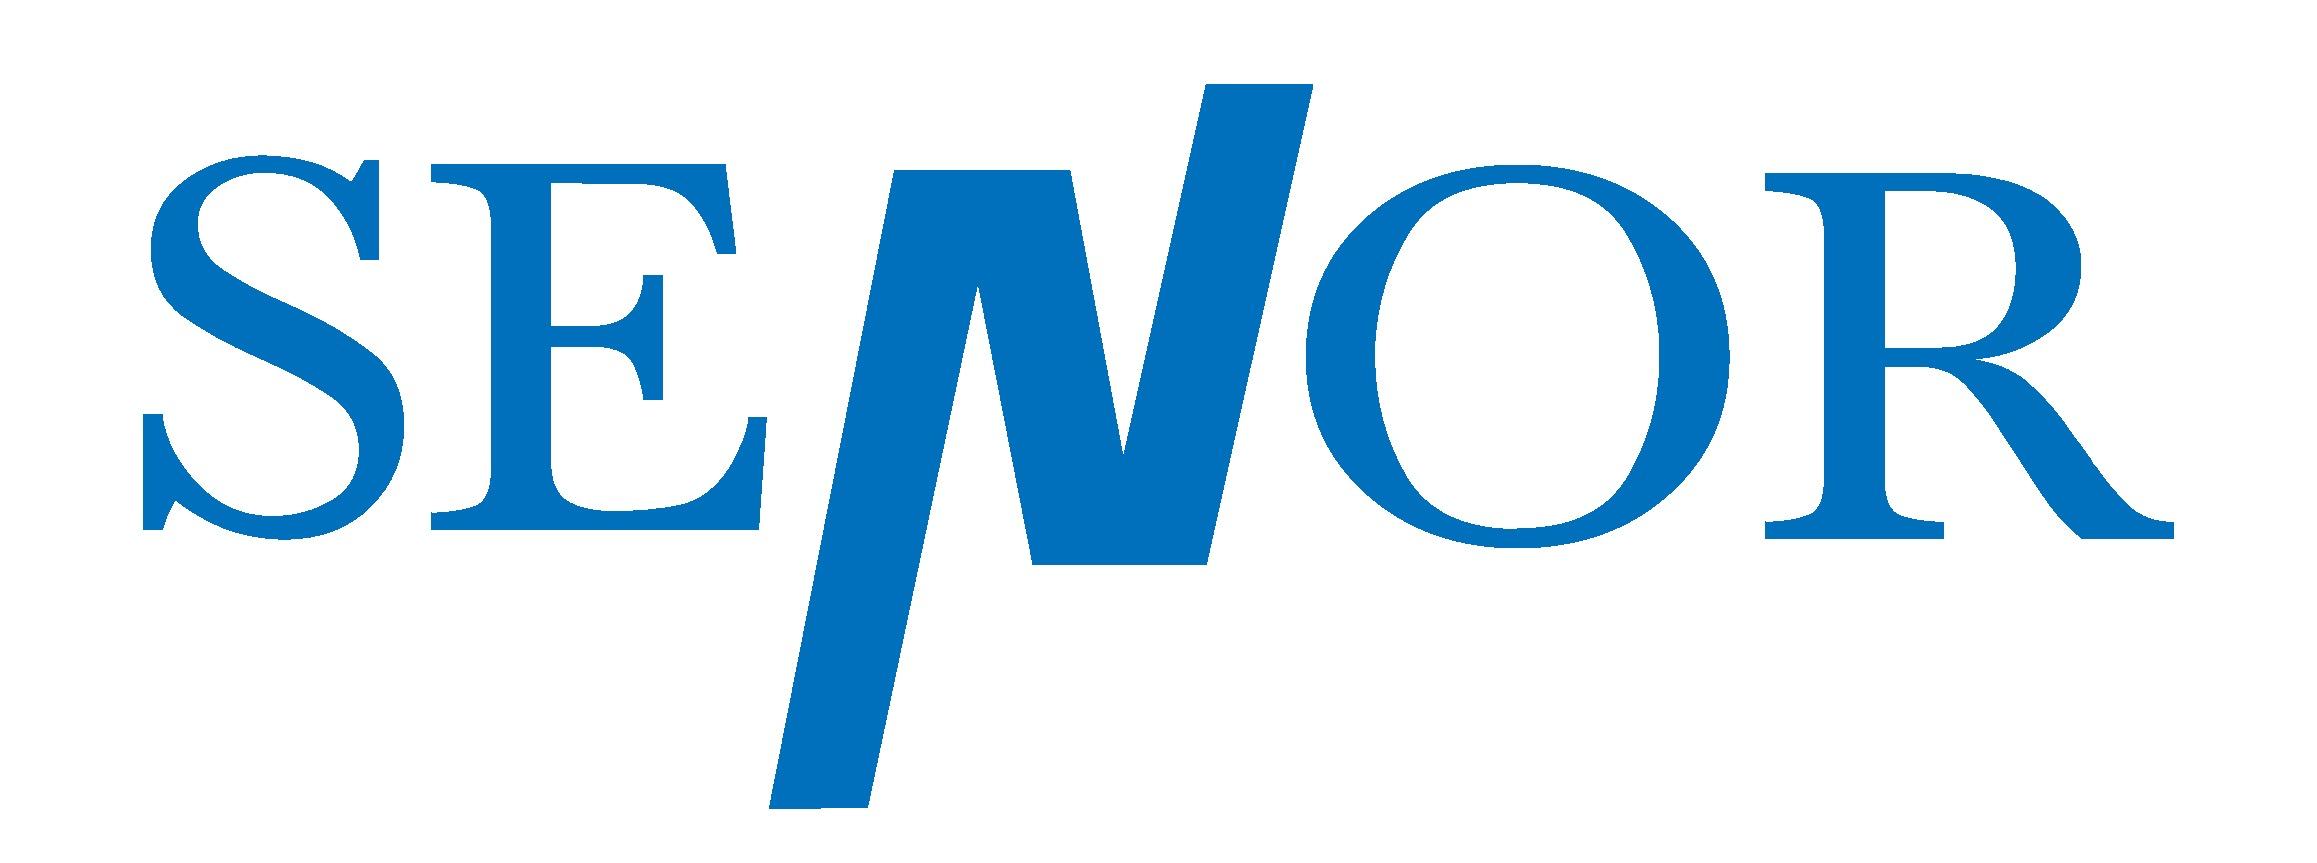 星喬科技股份有限公司-Logo